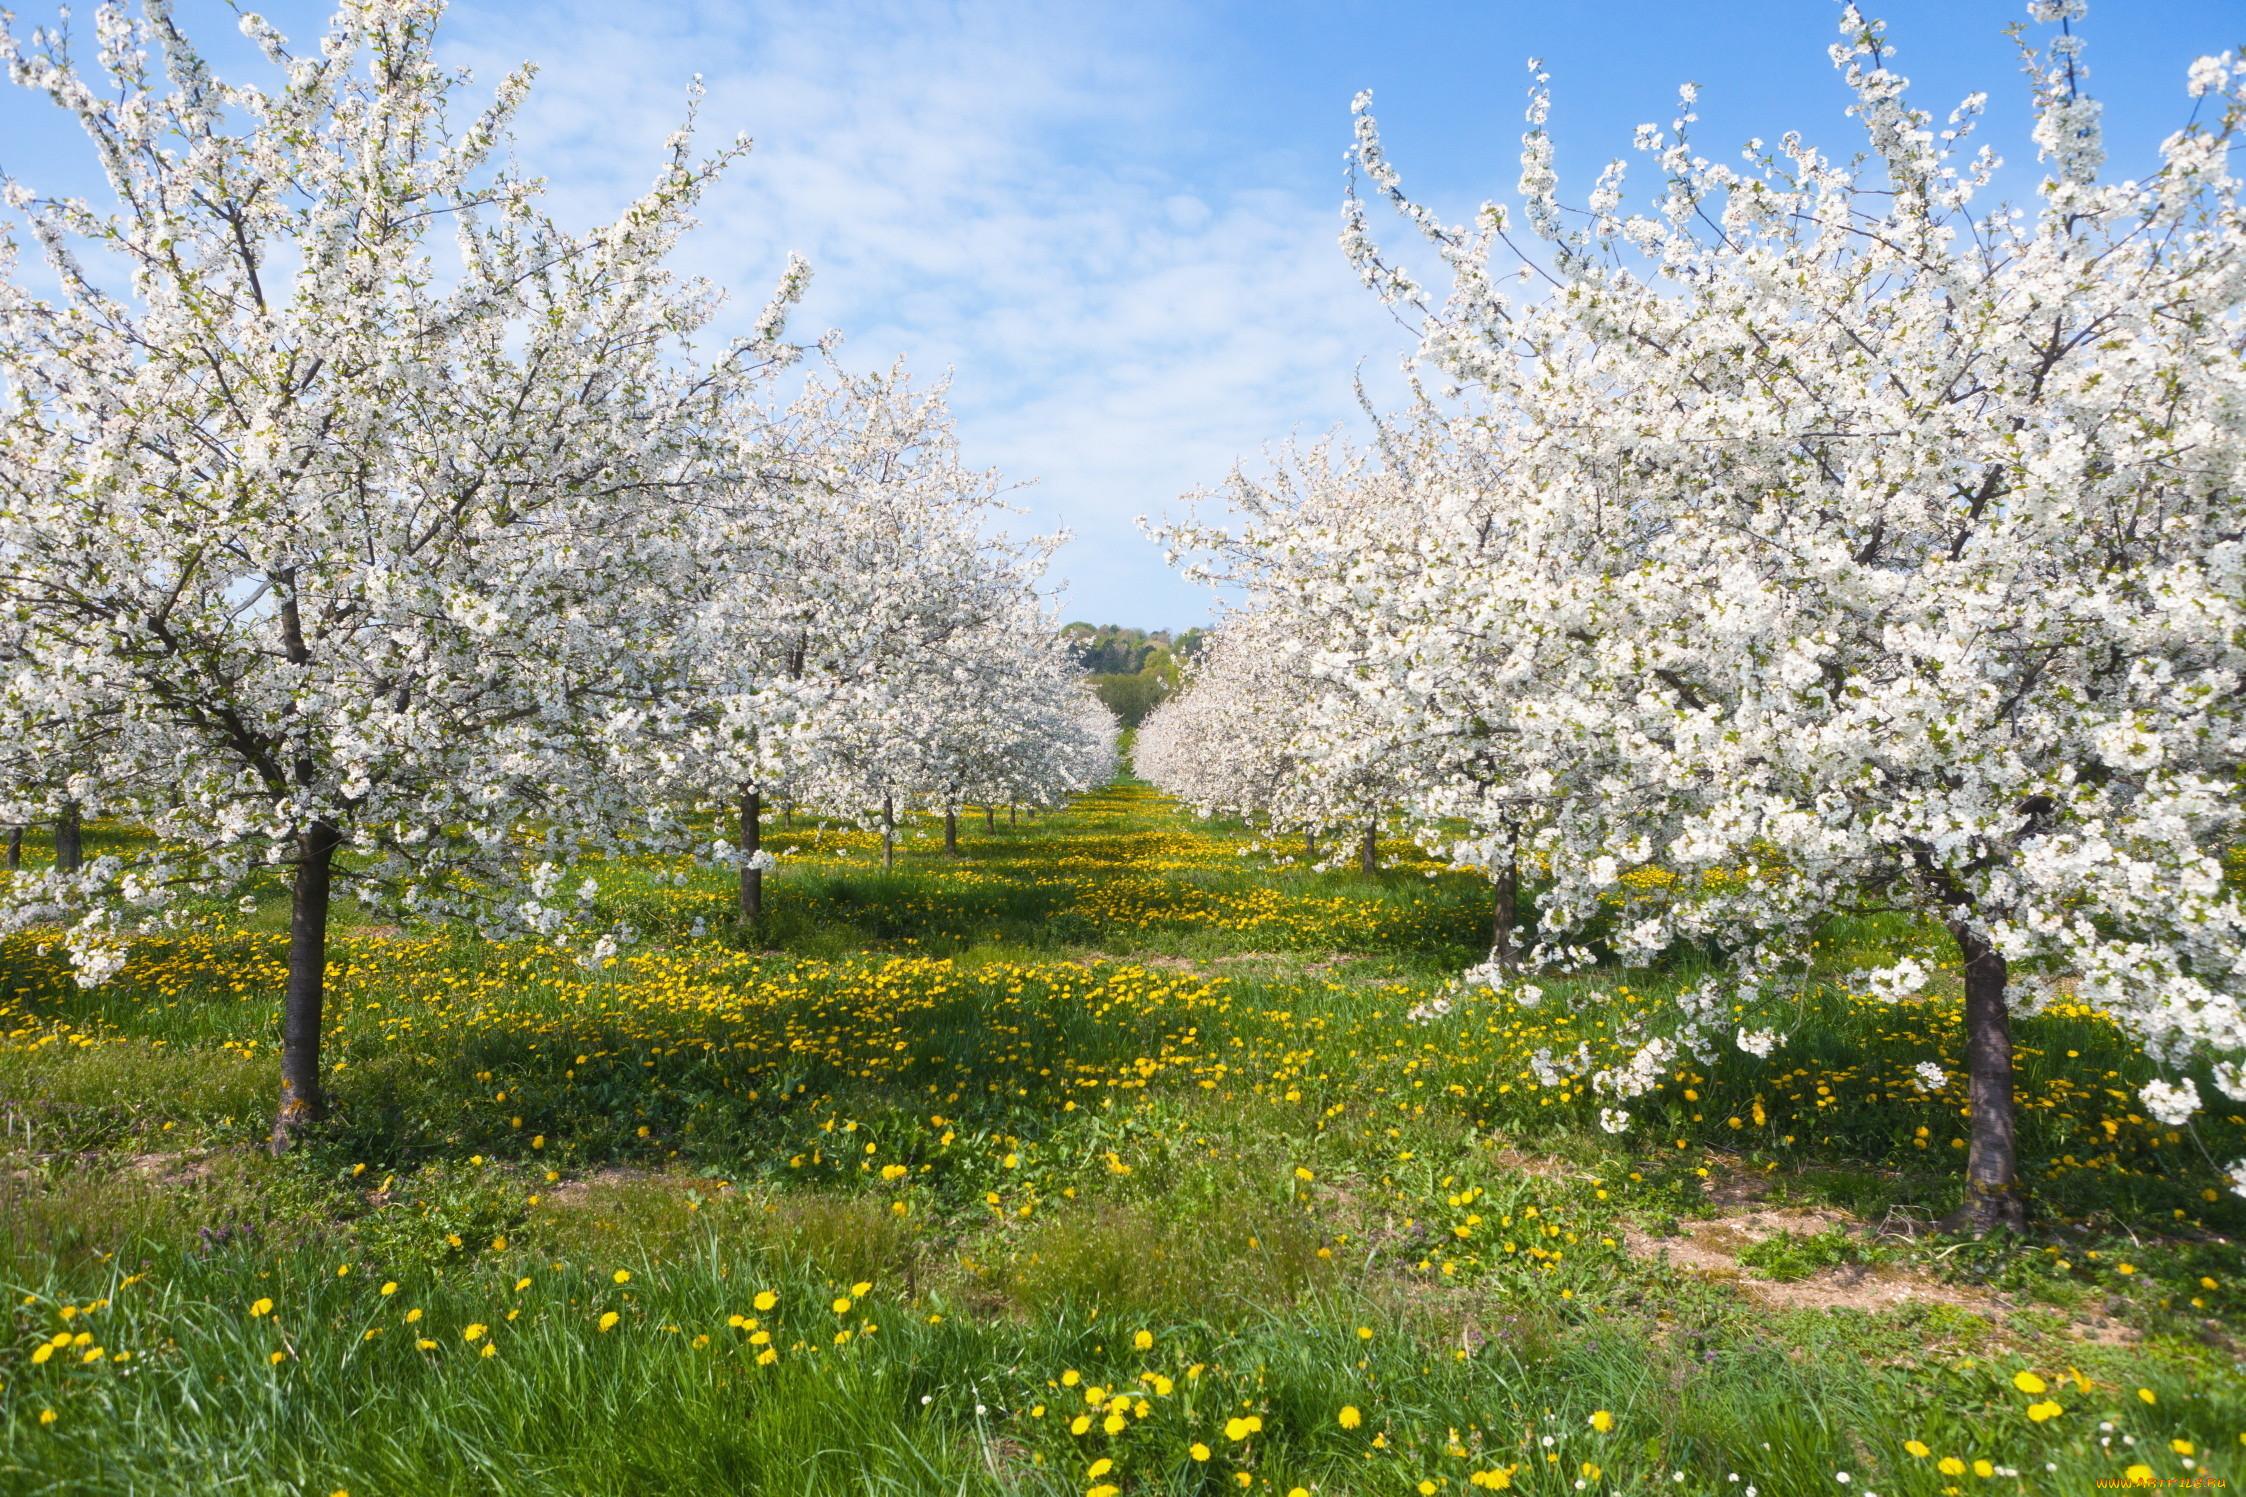 картинки яблоневого сада цветущего временем